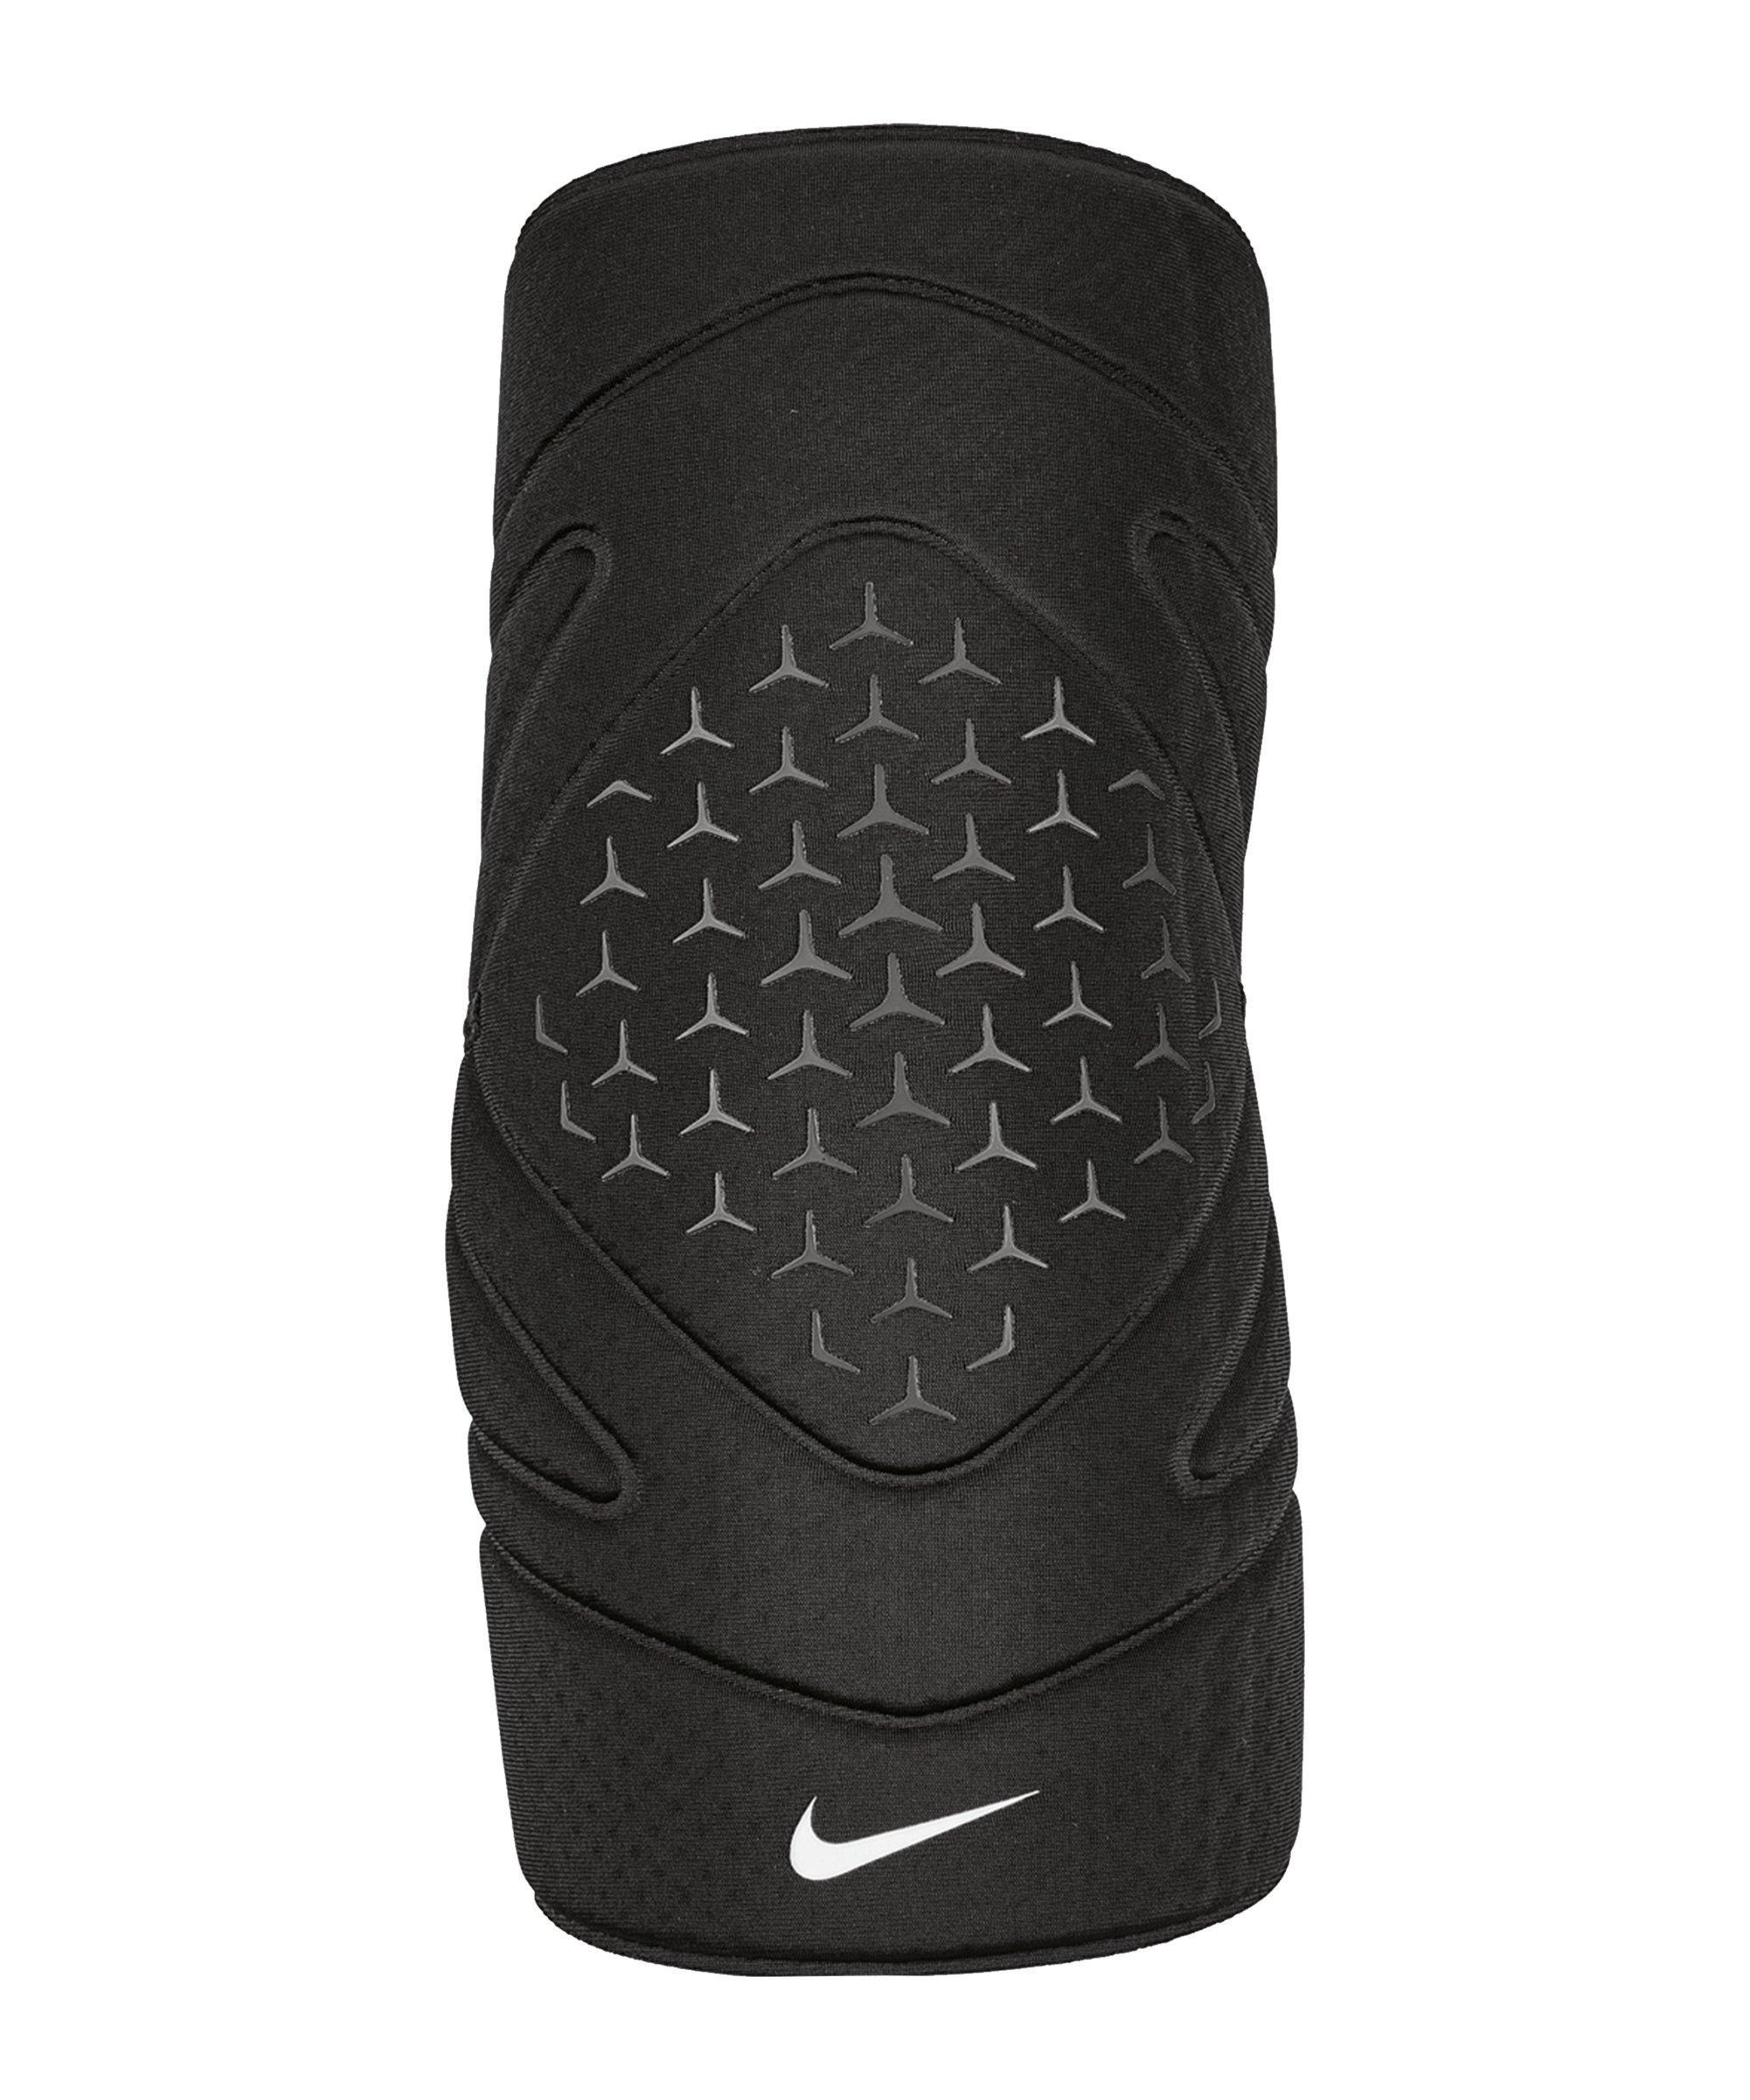 Nike Pro Elbow Sleeve 3.0 Schwarz F010 - schwarz